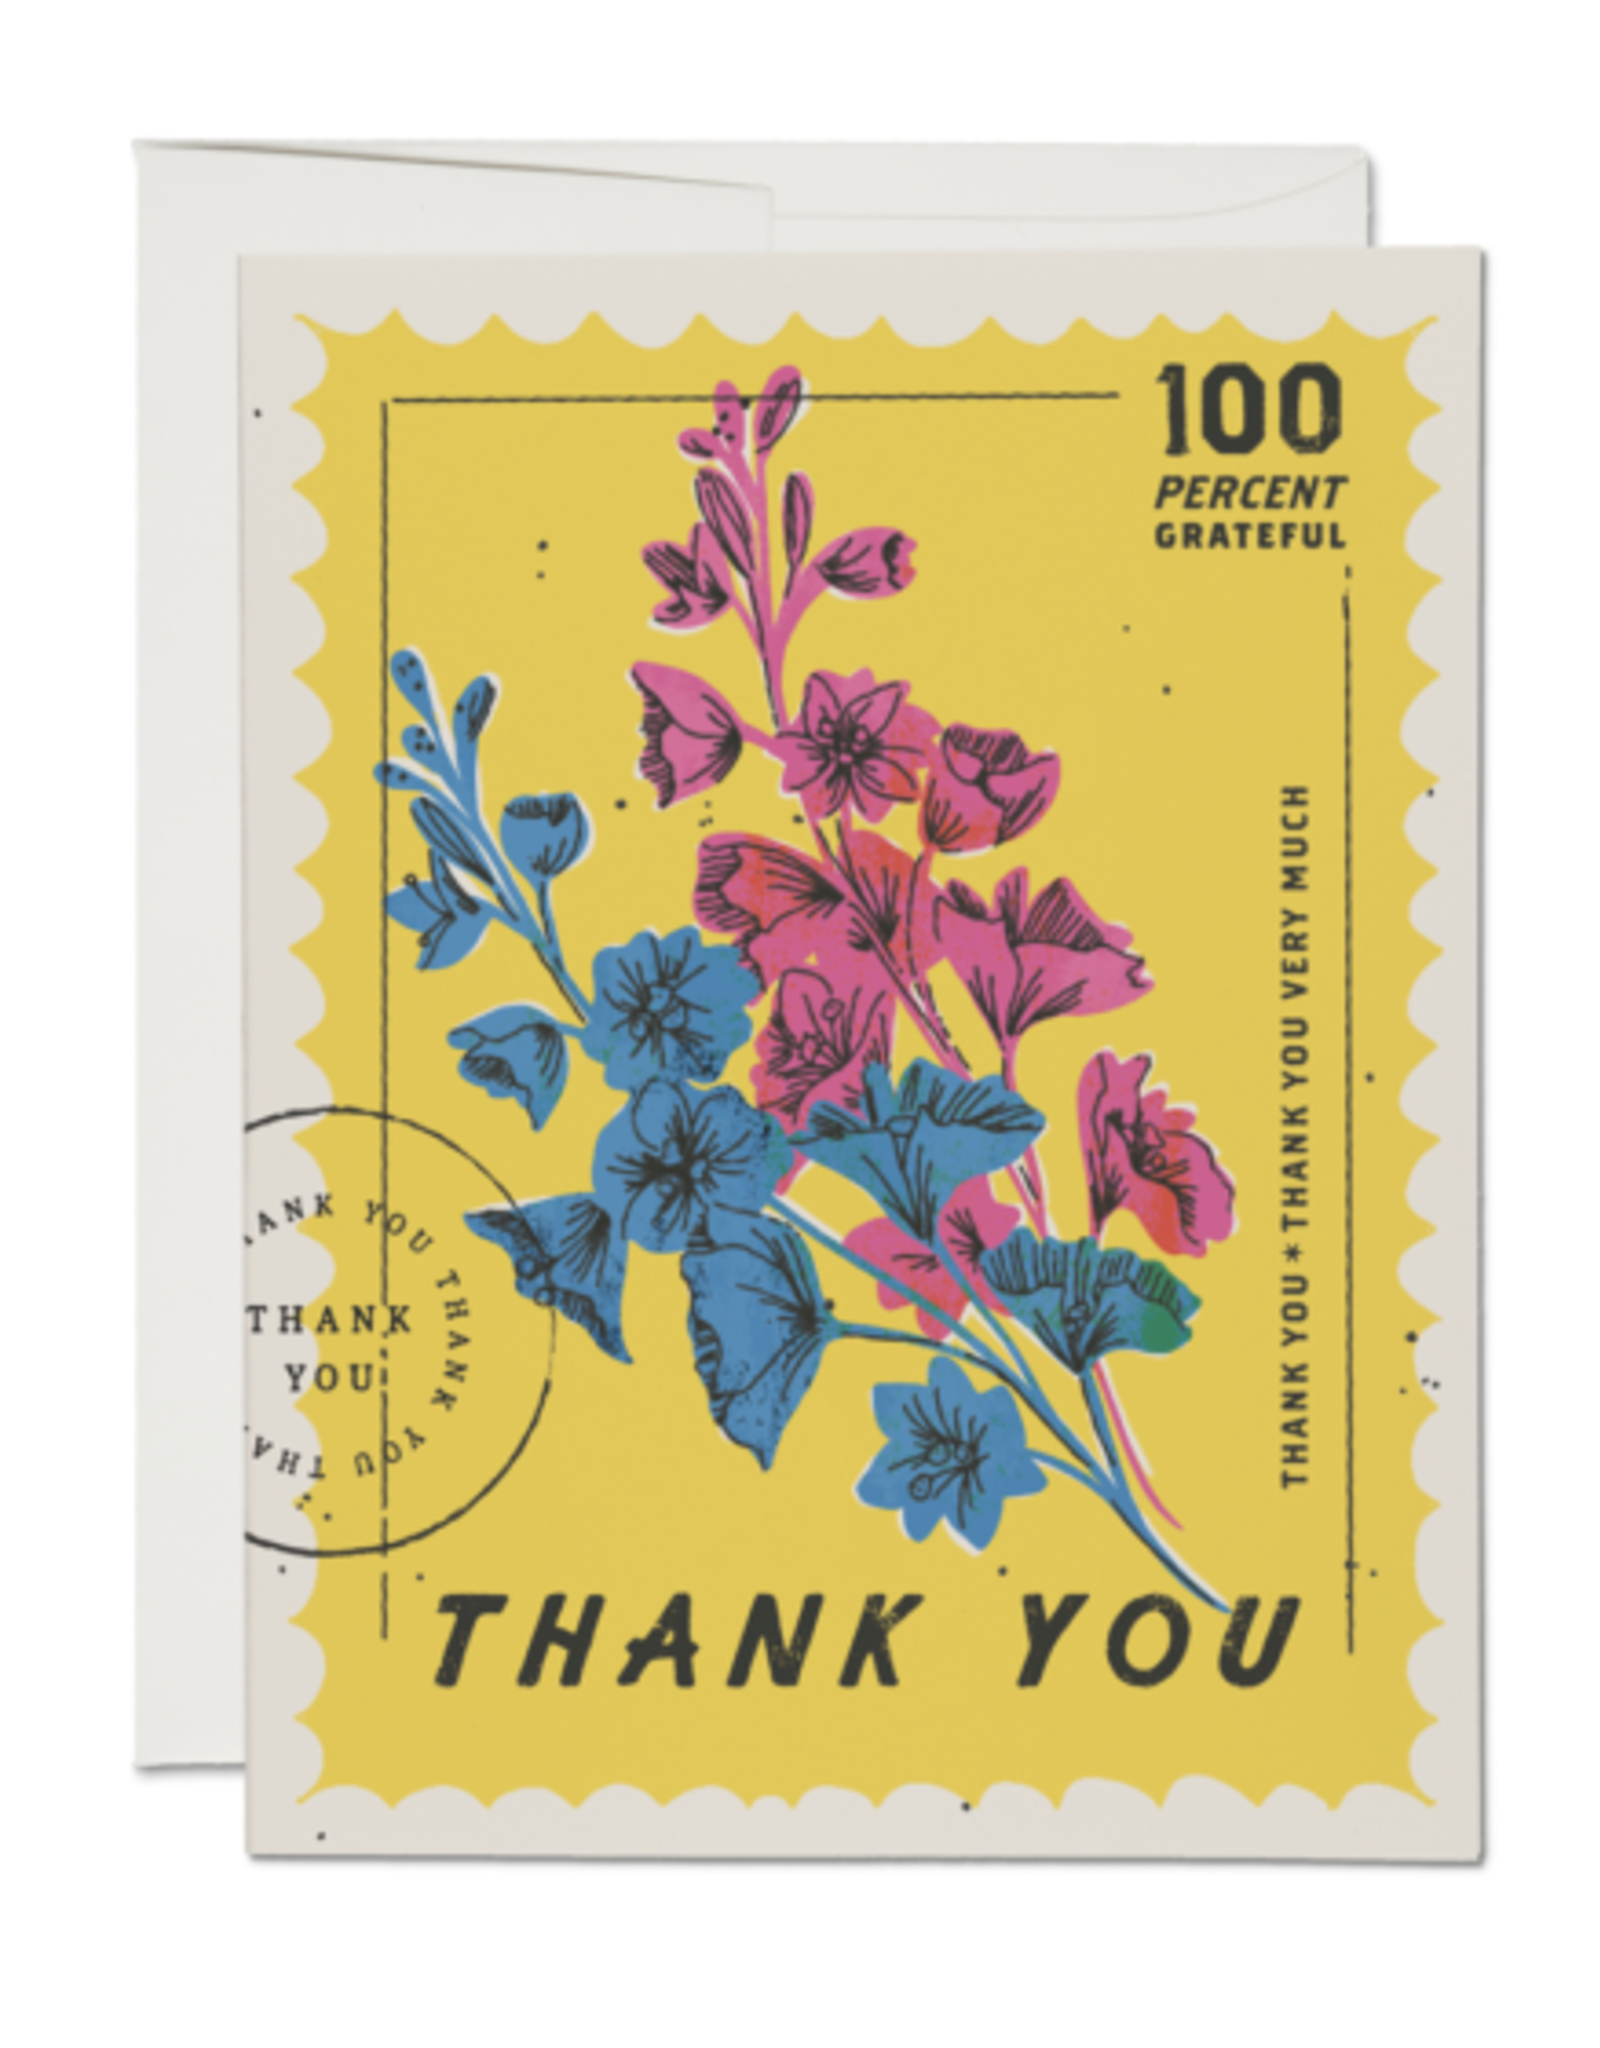 100 Percent Grateful Stamp Greeting Card